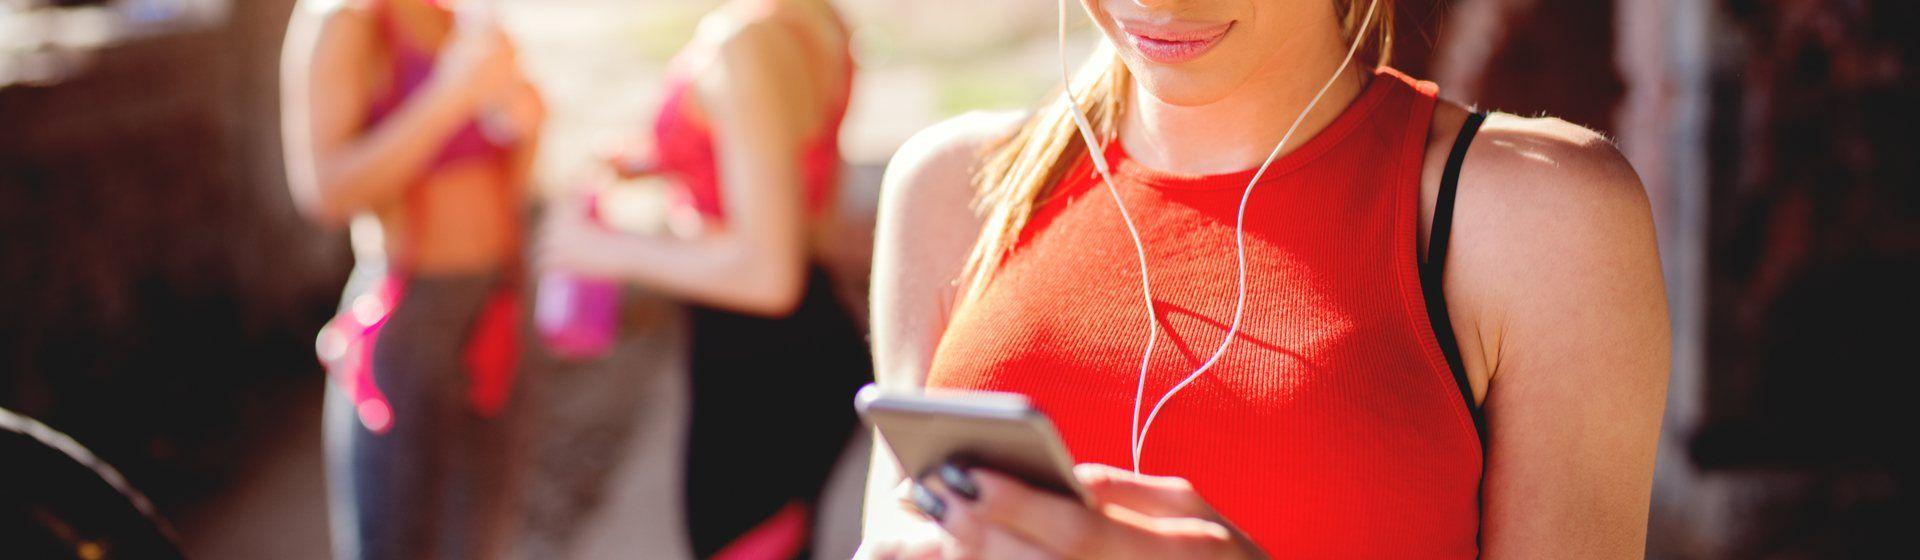 Fone de ouvido para academia: 10 modelos para quem pratica exercícios